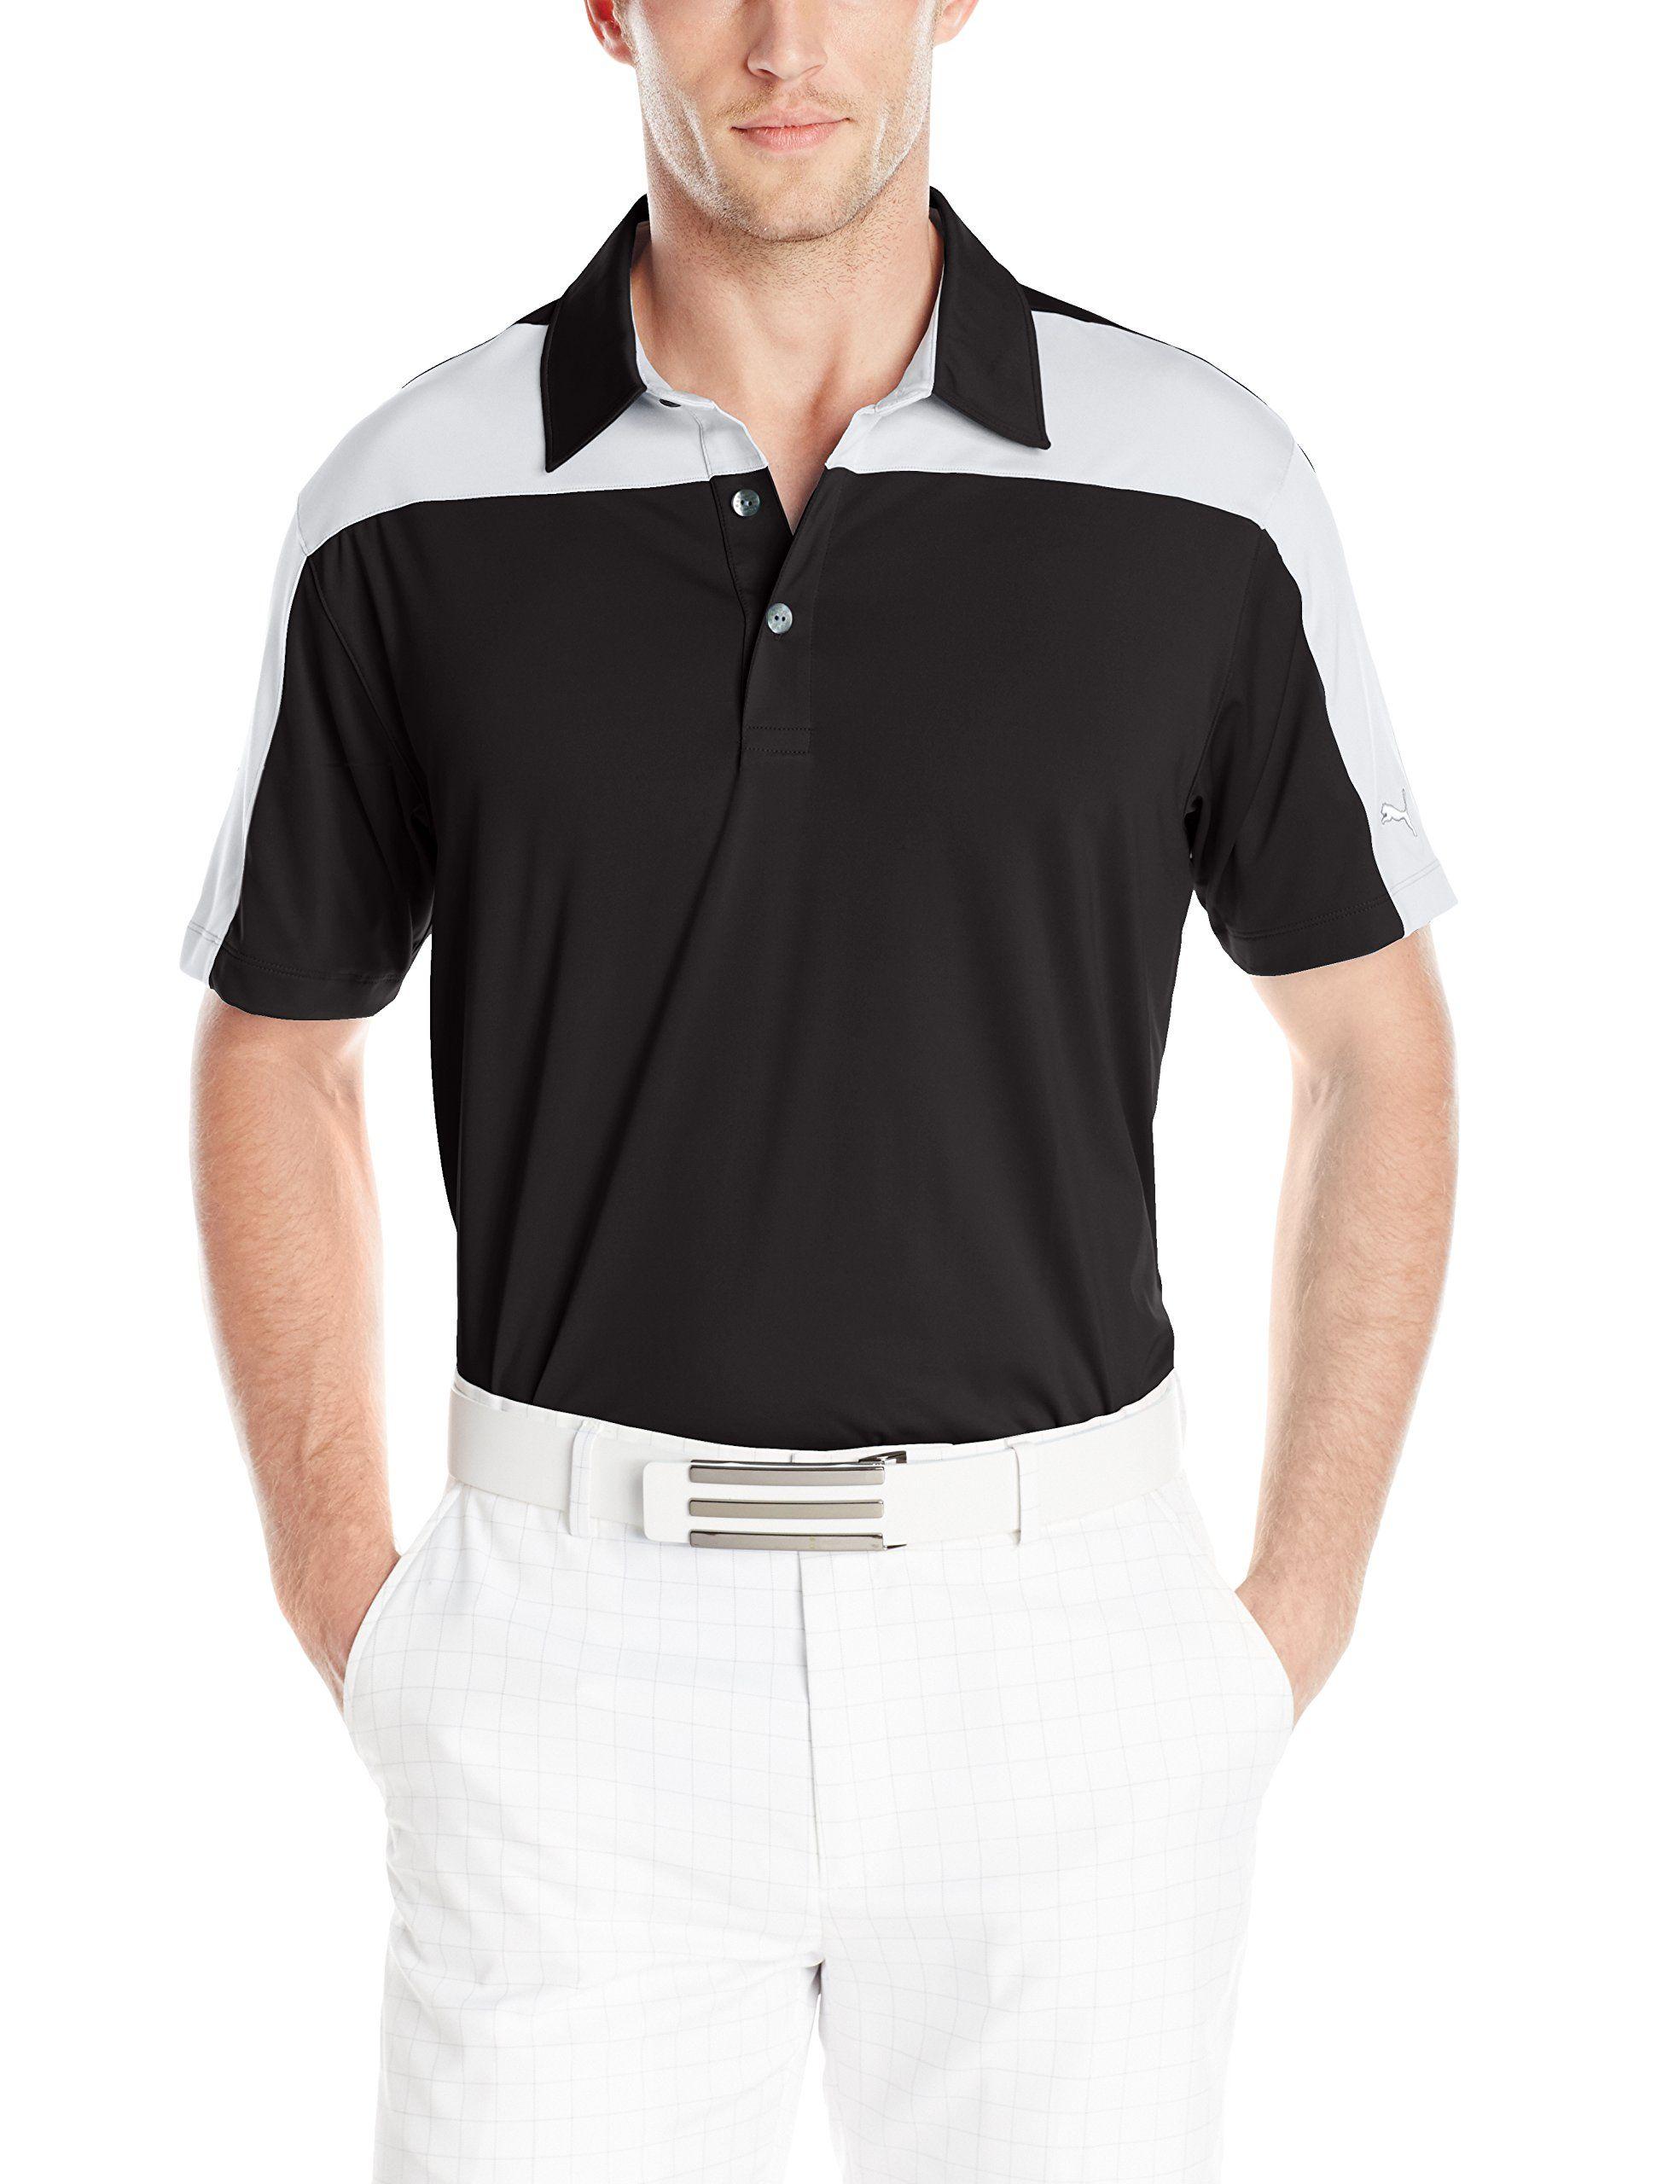 6ca46ff5fe07 Men Golf Clothing - PUMA Golf Mens Color Block Tech PoloCresting Shirt  Black White Medium